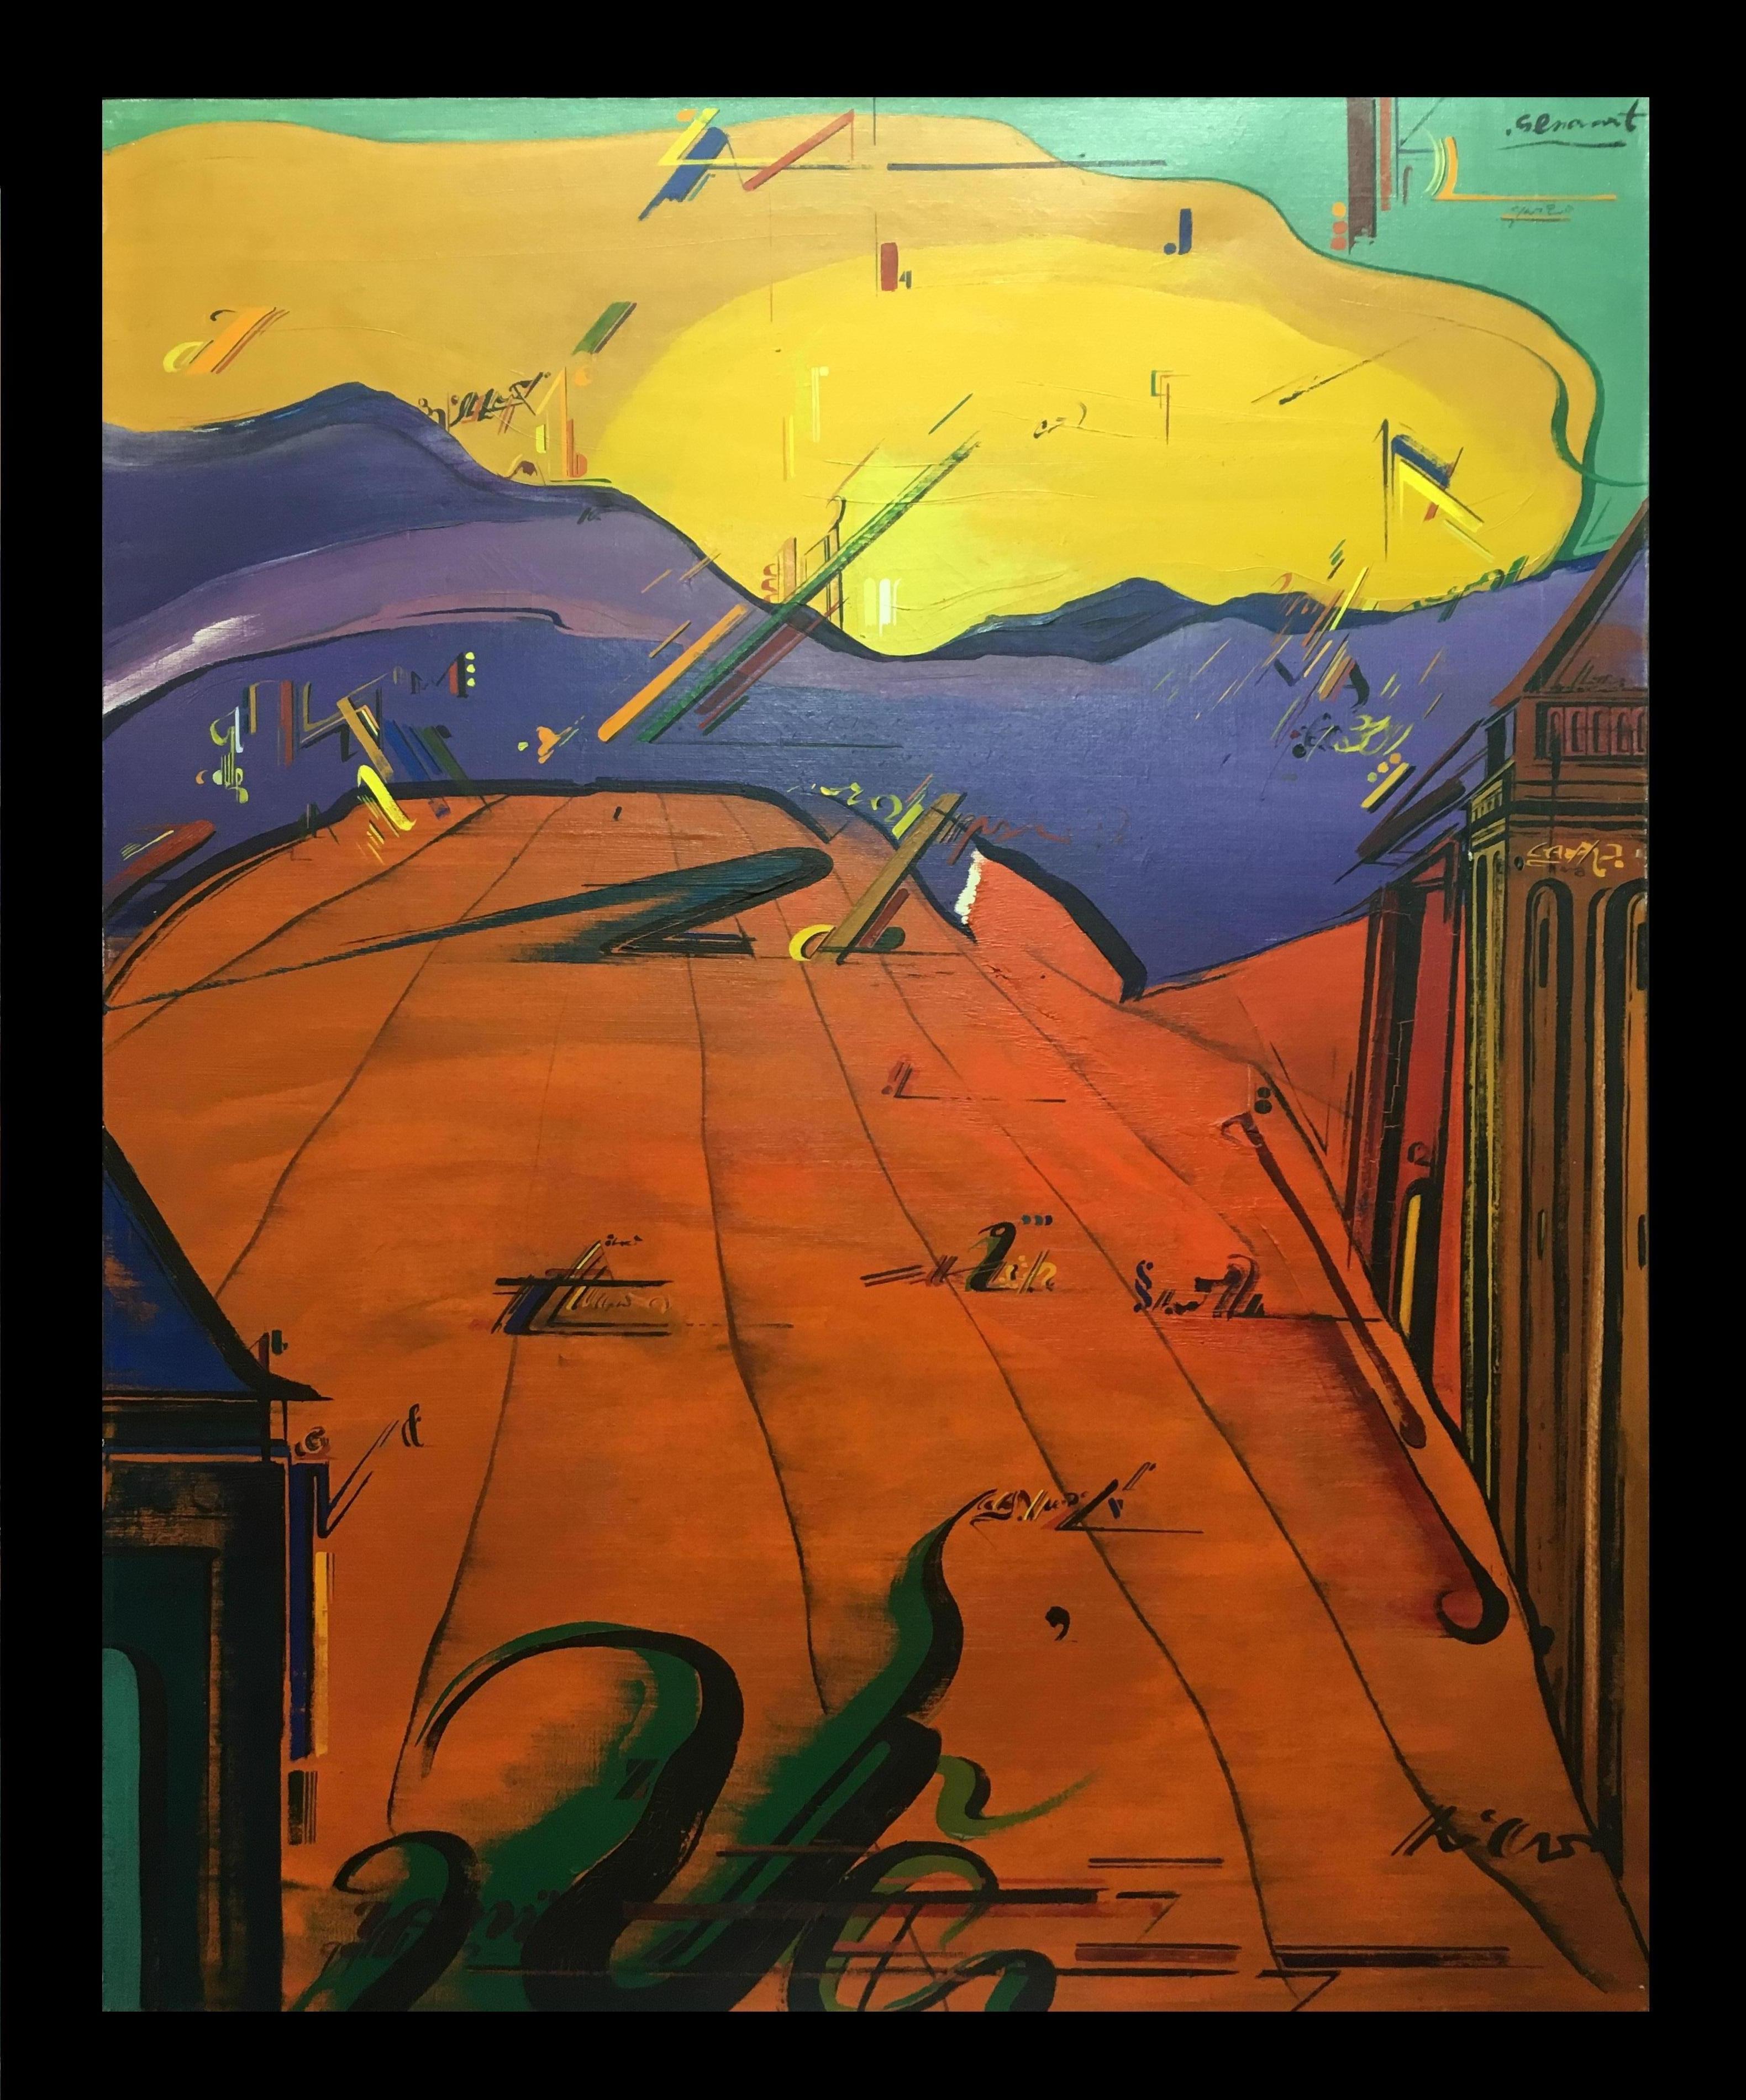 Sevilla original abstract acrylic painting